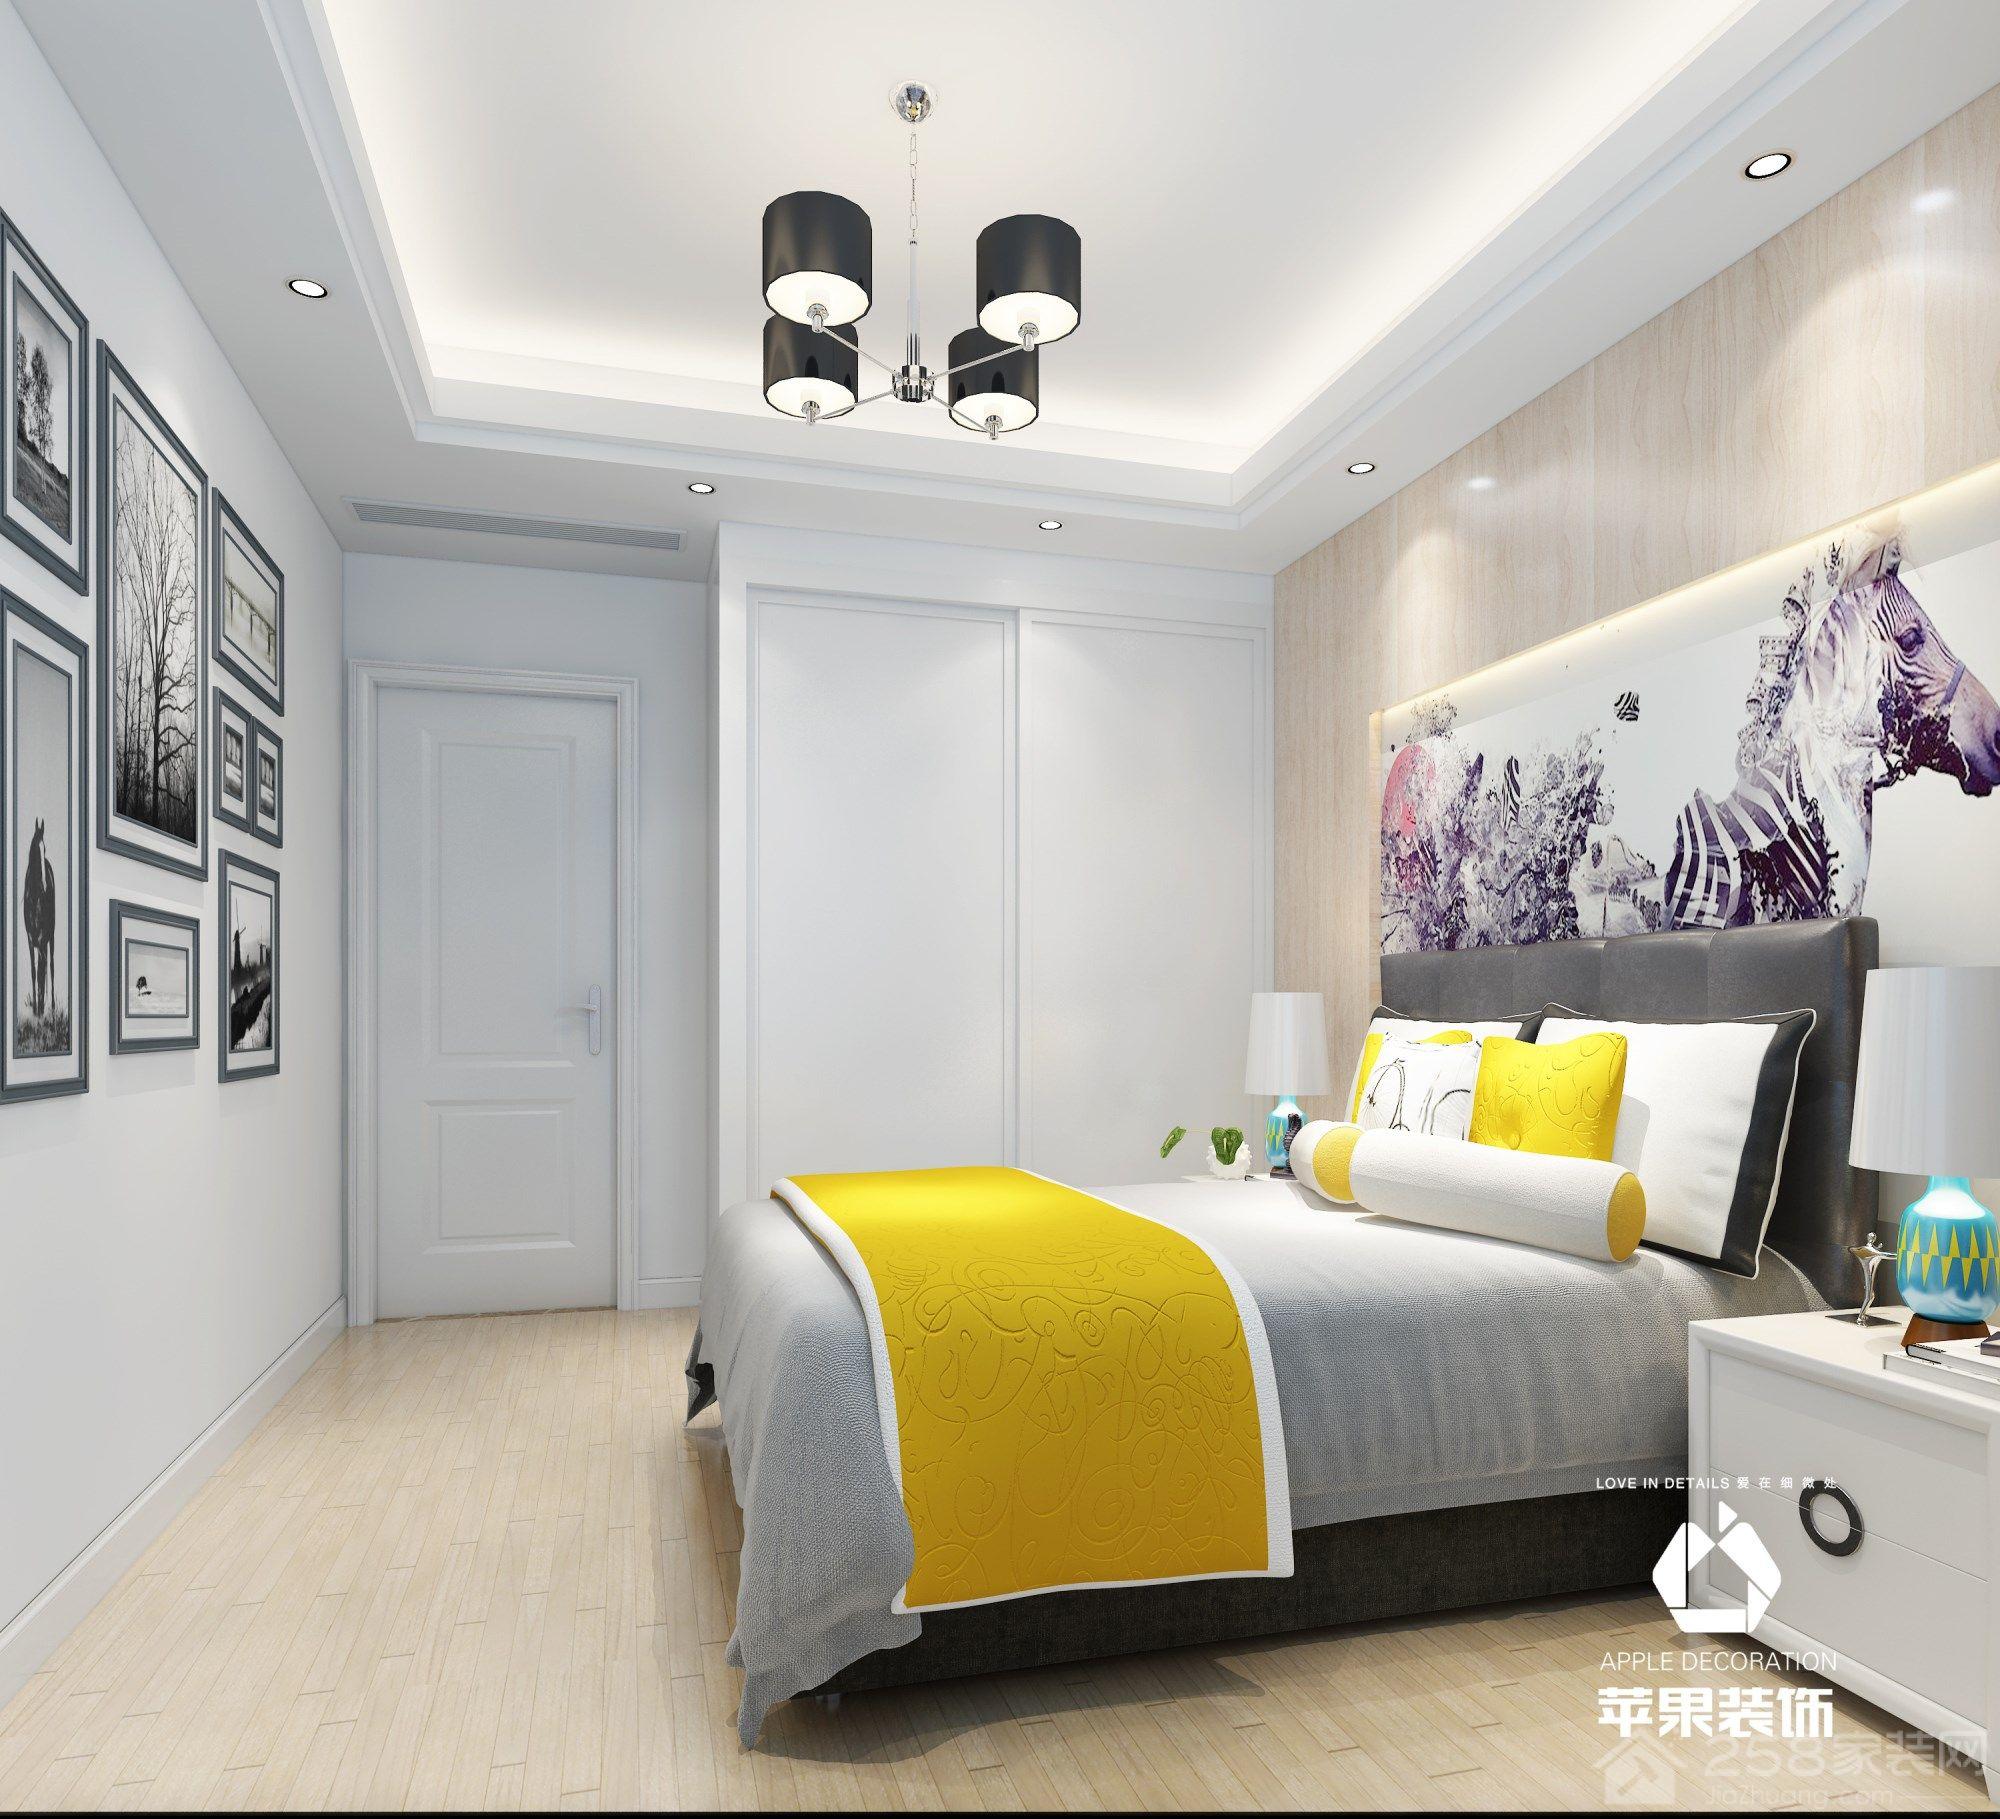 龙湖原山北欧风格三居室案例效果装修效果图